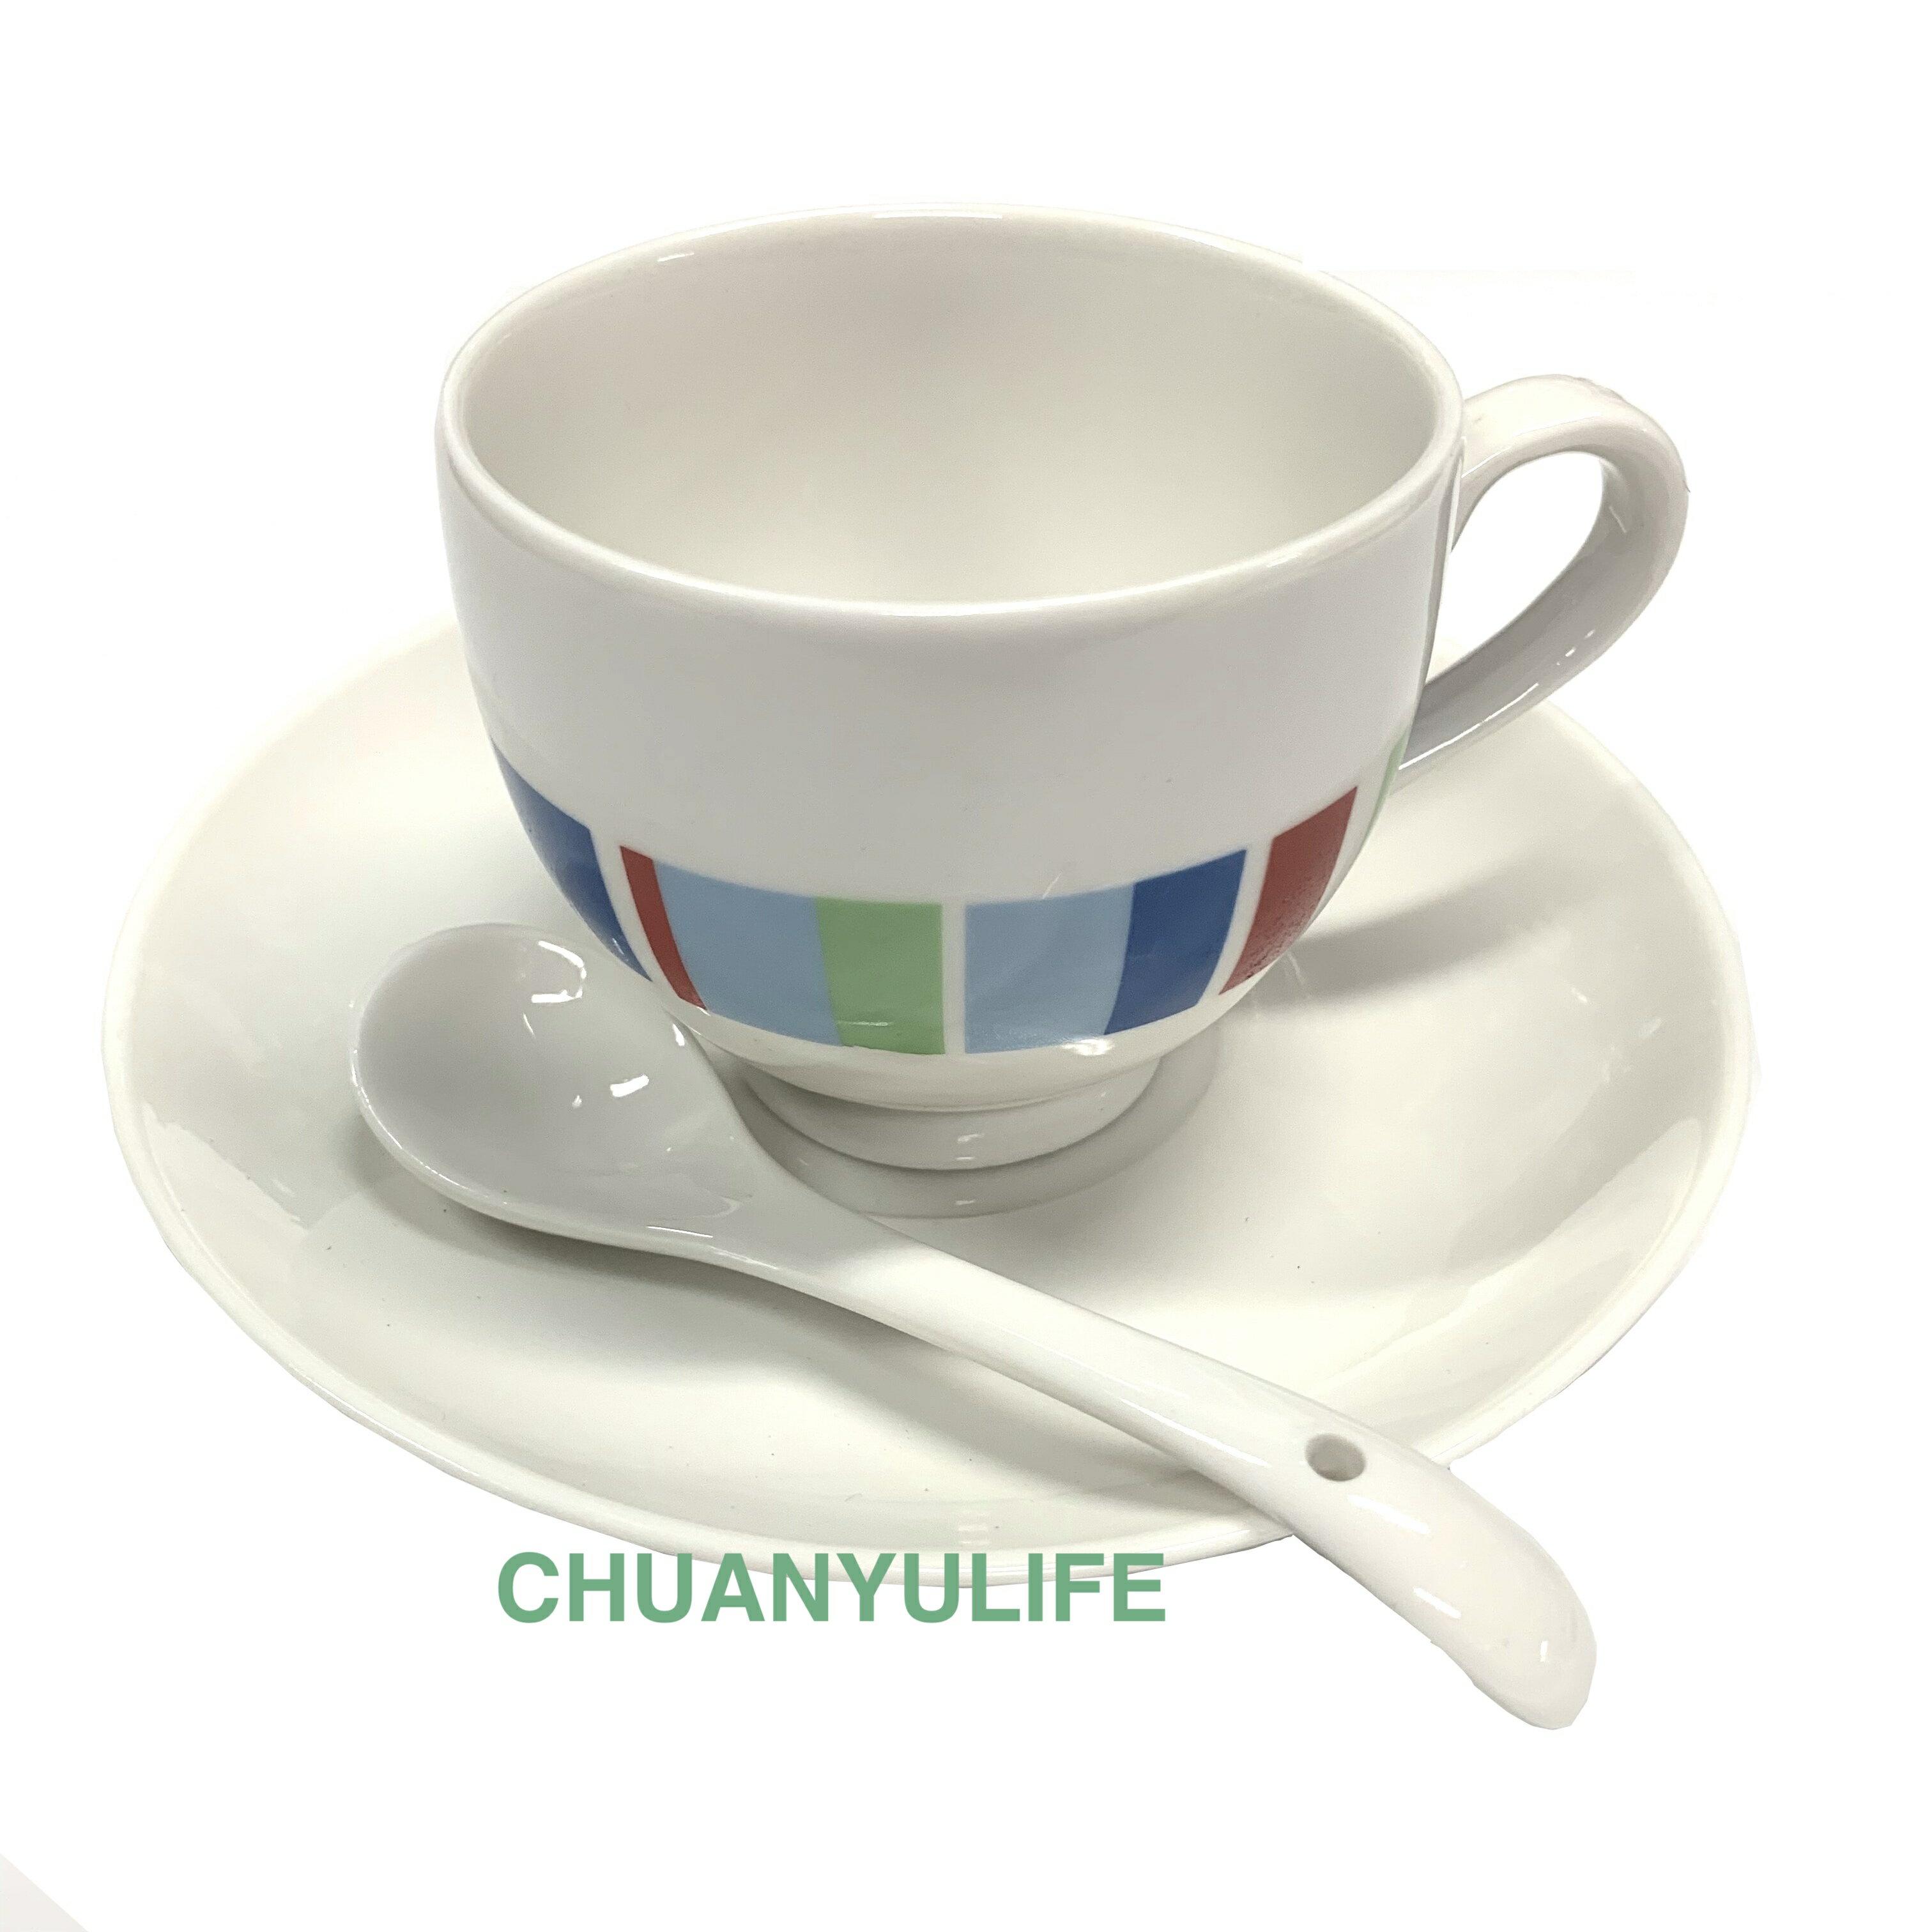 ■川鈺■ 咖啡杯 200ml  普普風 咖啡杯組 *1入